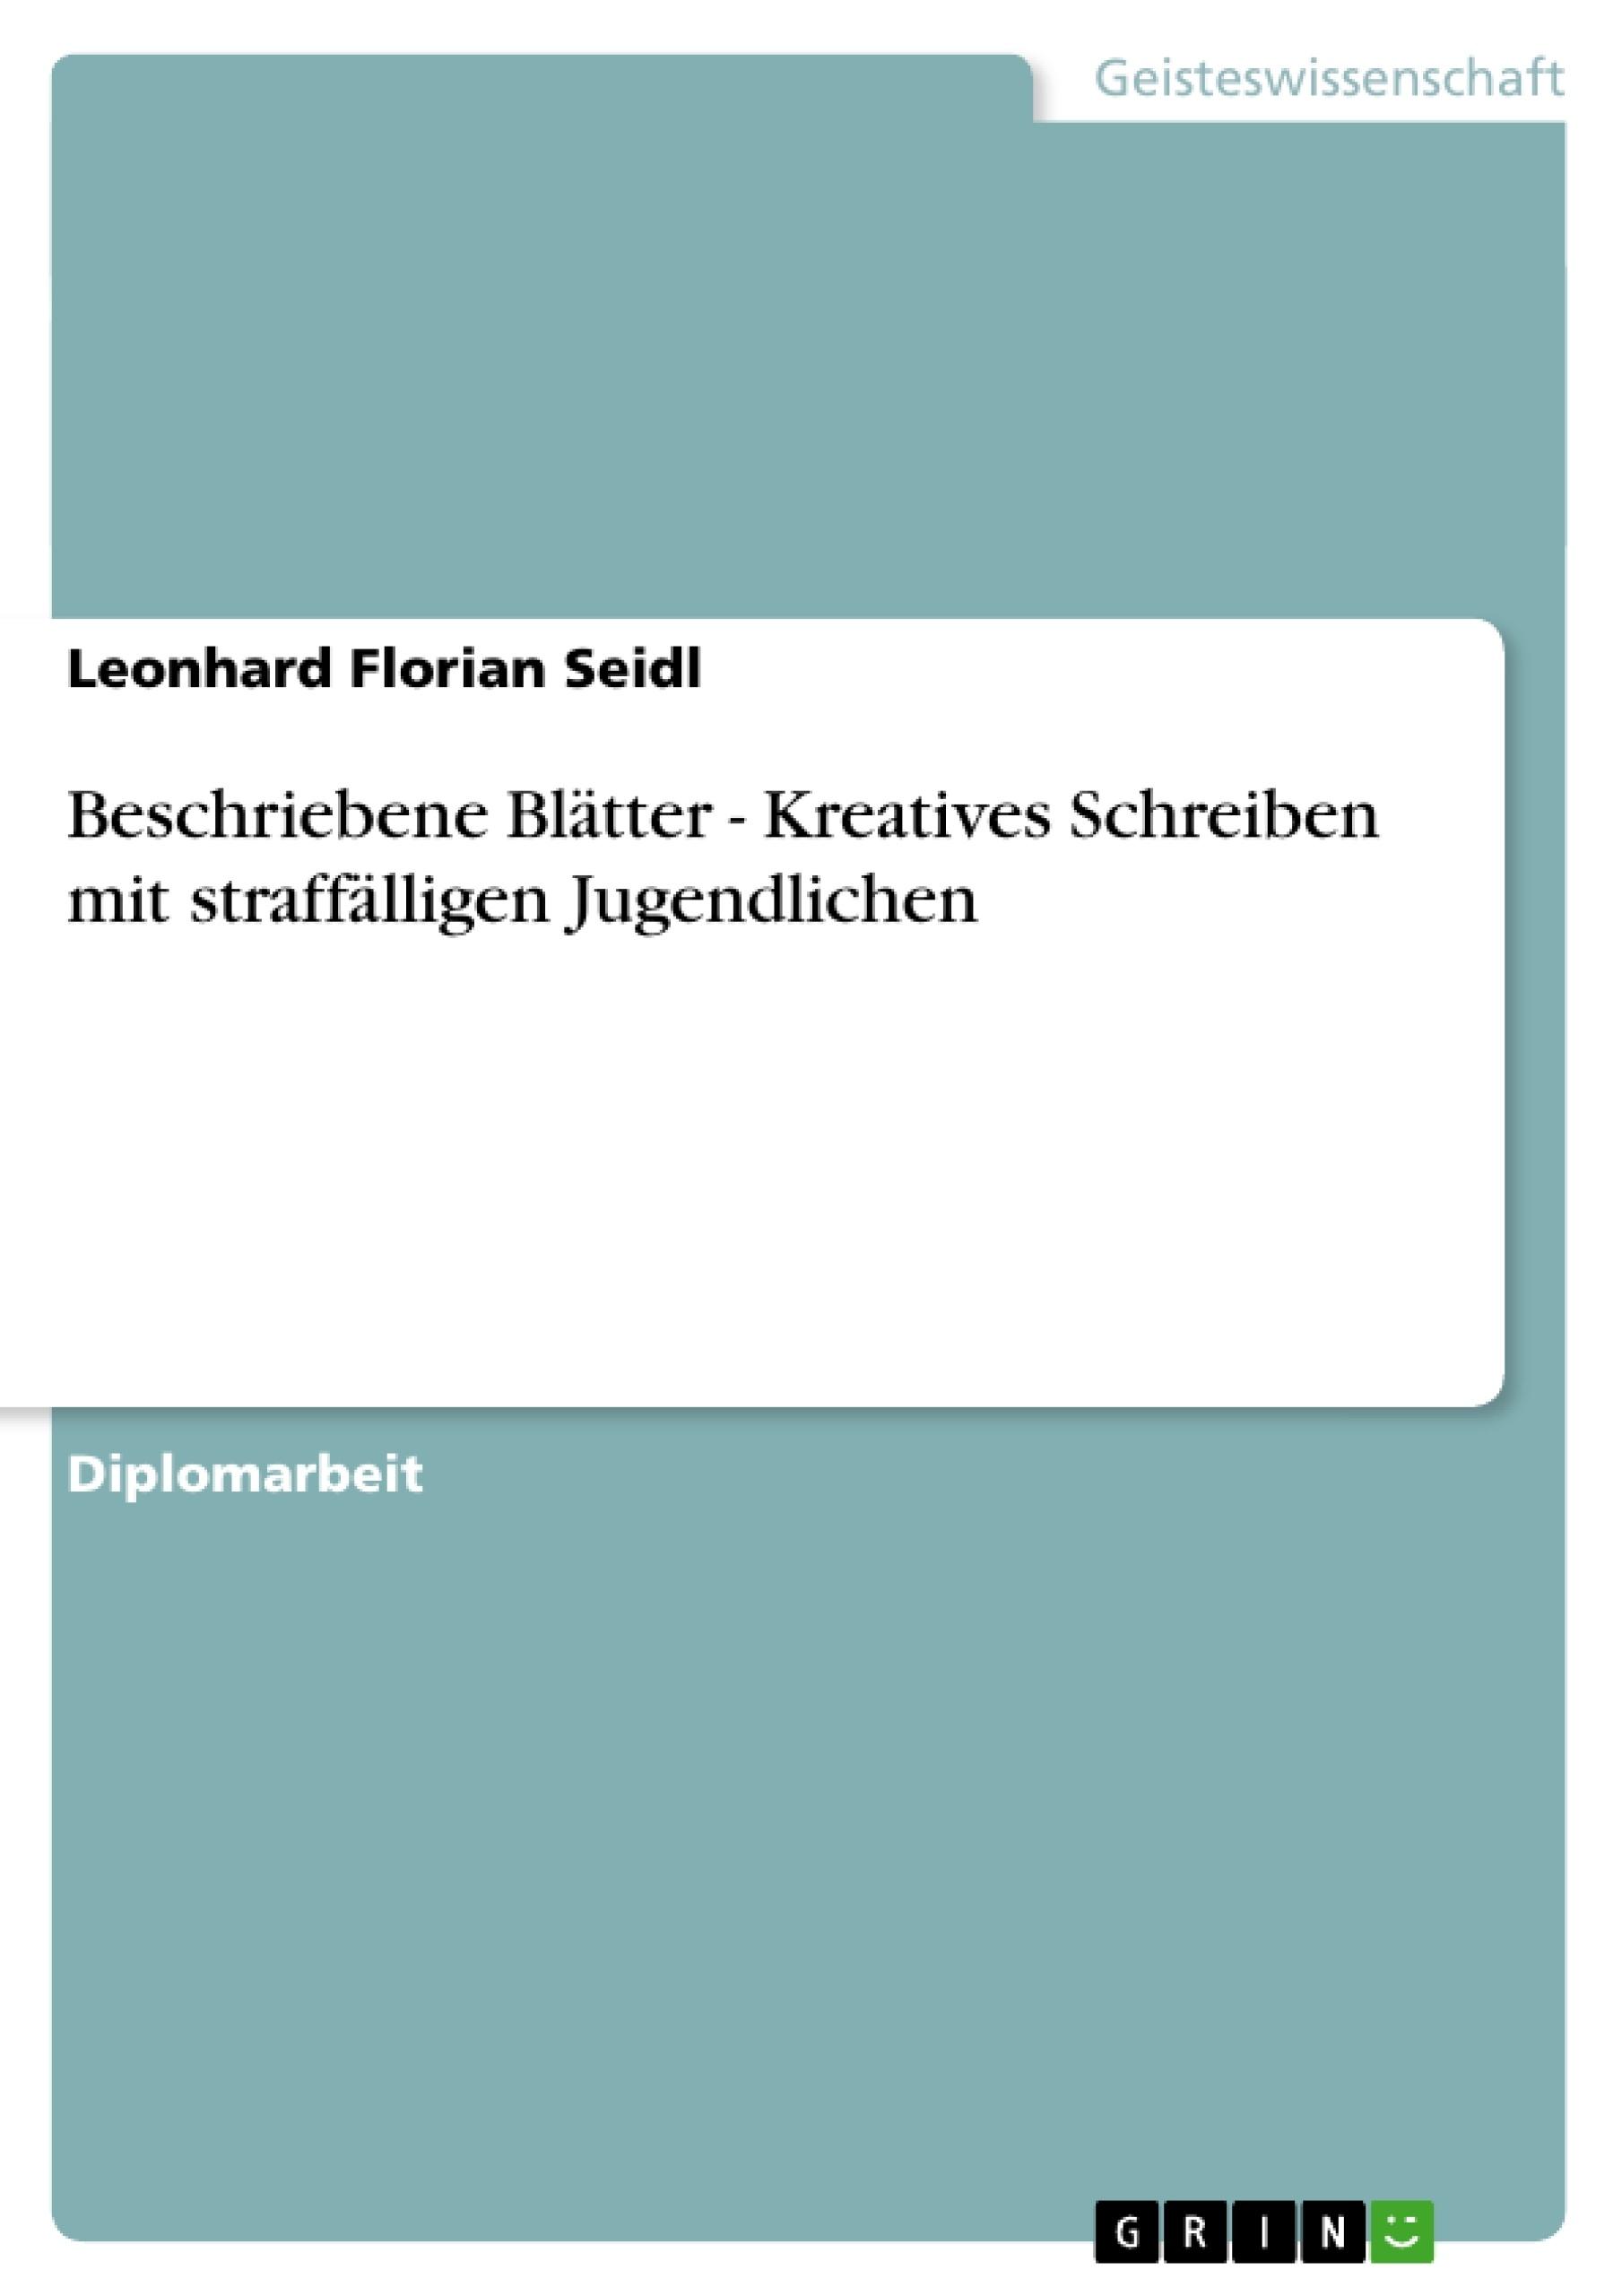 Titel: Beschriebene Blätter - Kreatives Schreiben mit straffälligen Jugendlichen